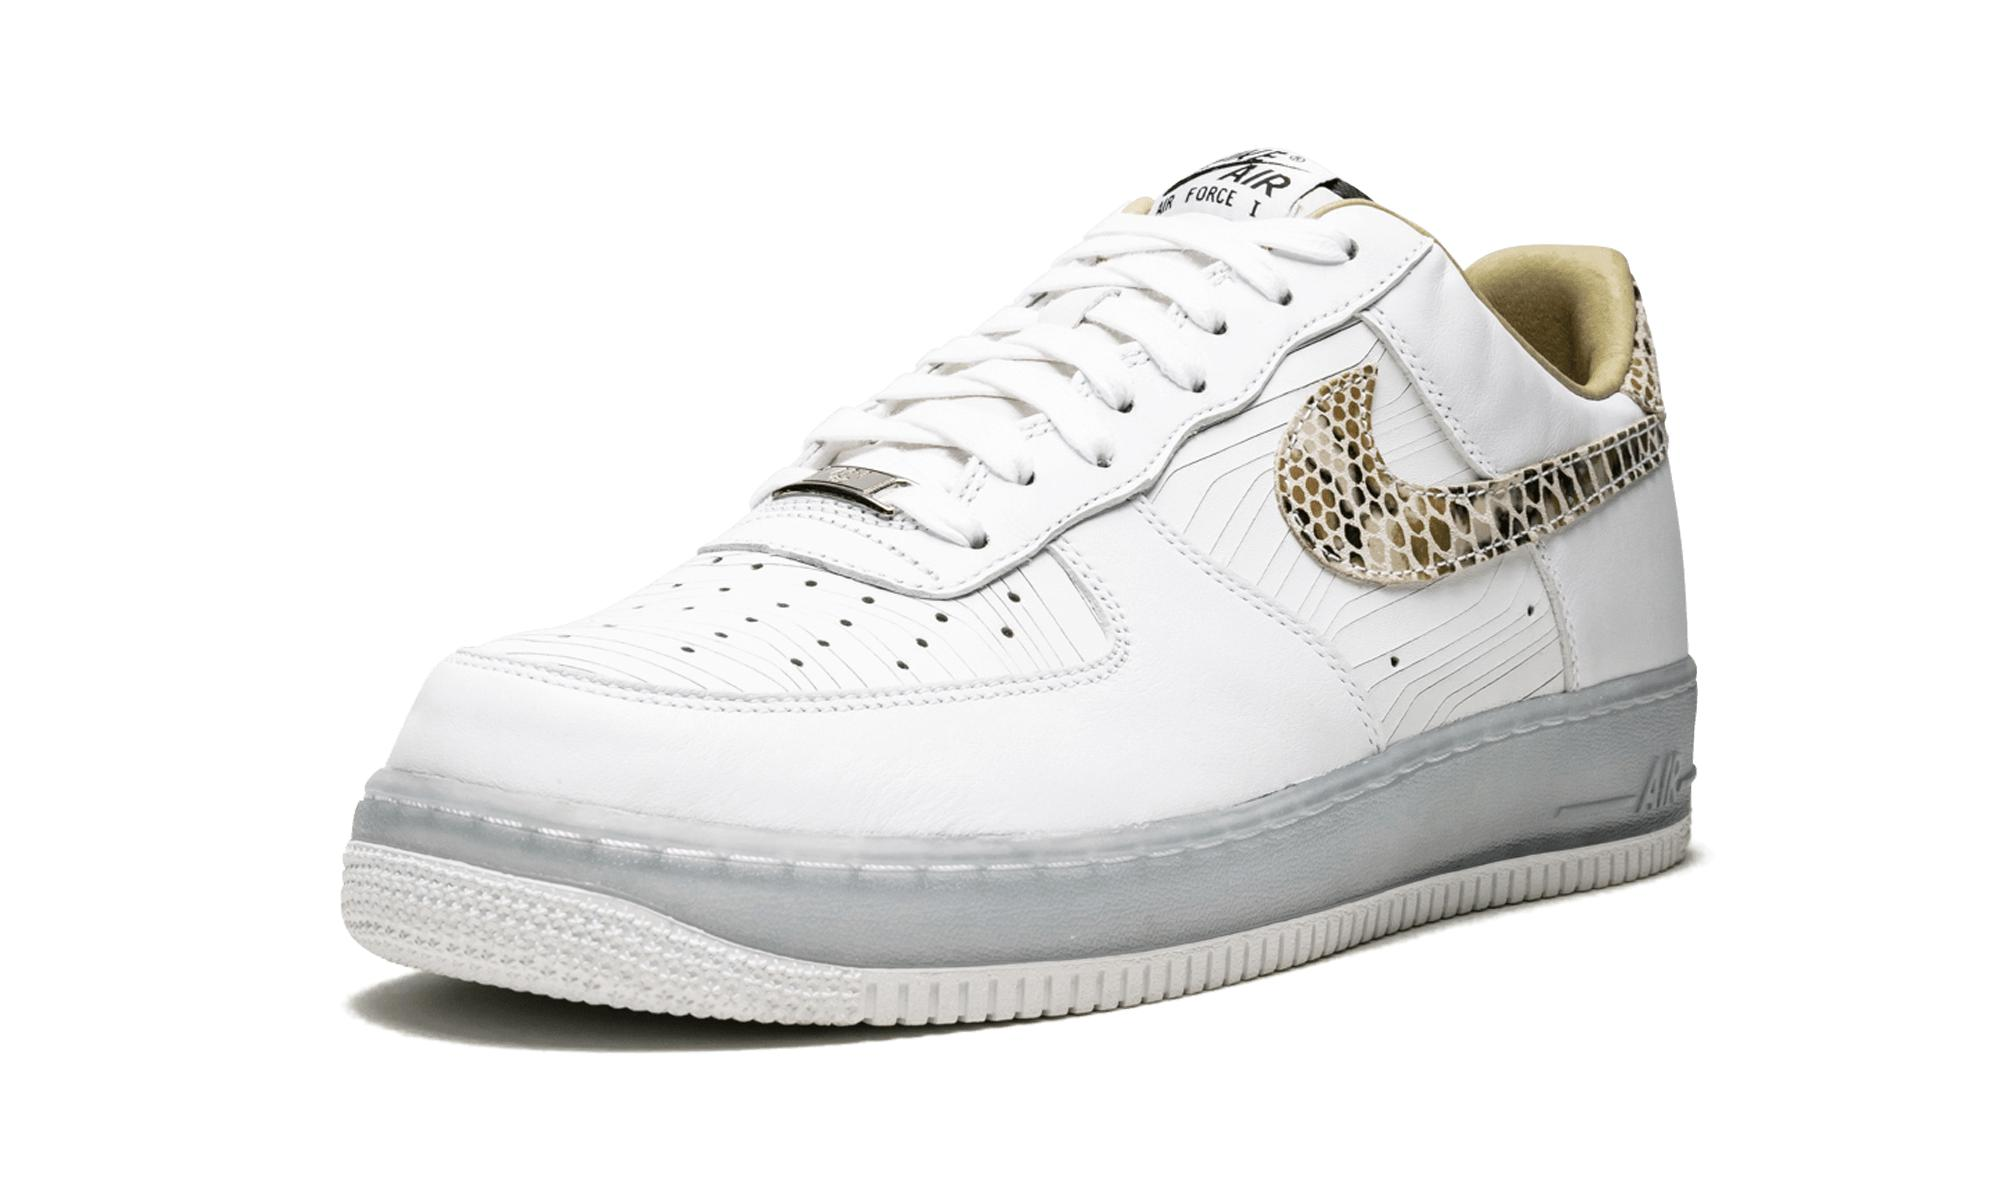 Men's White Air Force 1 Low Prm Cmft Qs 'brazil' Shoes Size 11.5